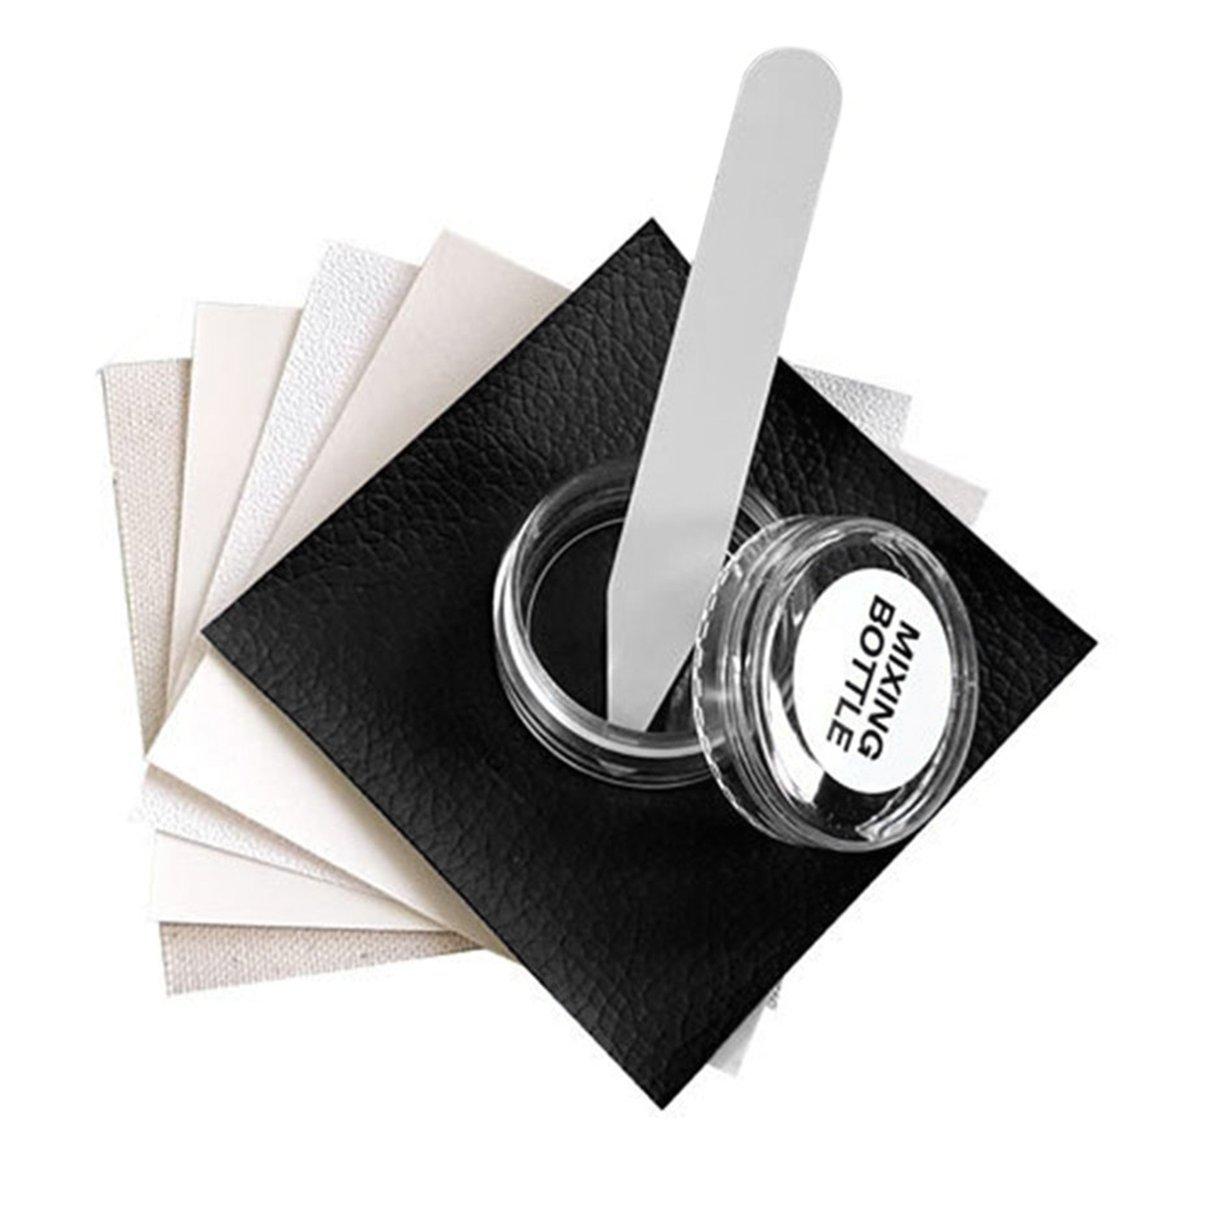 Kit di riparazione in pelle, kit di riparazione del vinile in pelle fluida senza calore, graffi in pelle autoadesiva Set di strumenti di riparazione per divano, mobili, auto, divano, bagagli JullyelegantIT